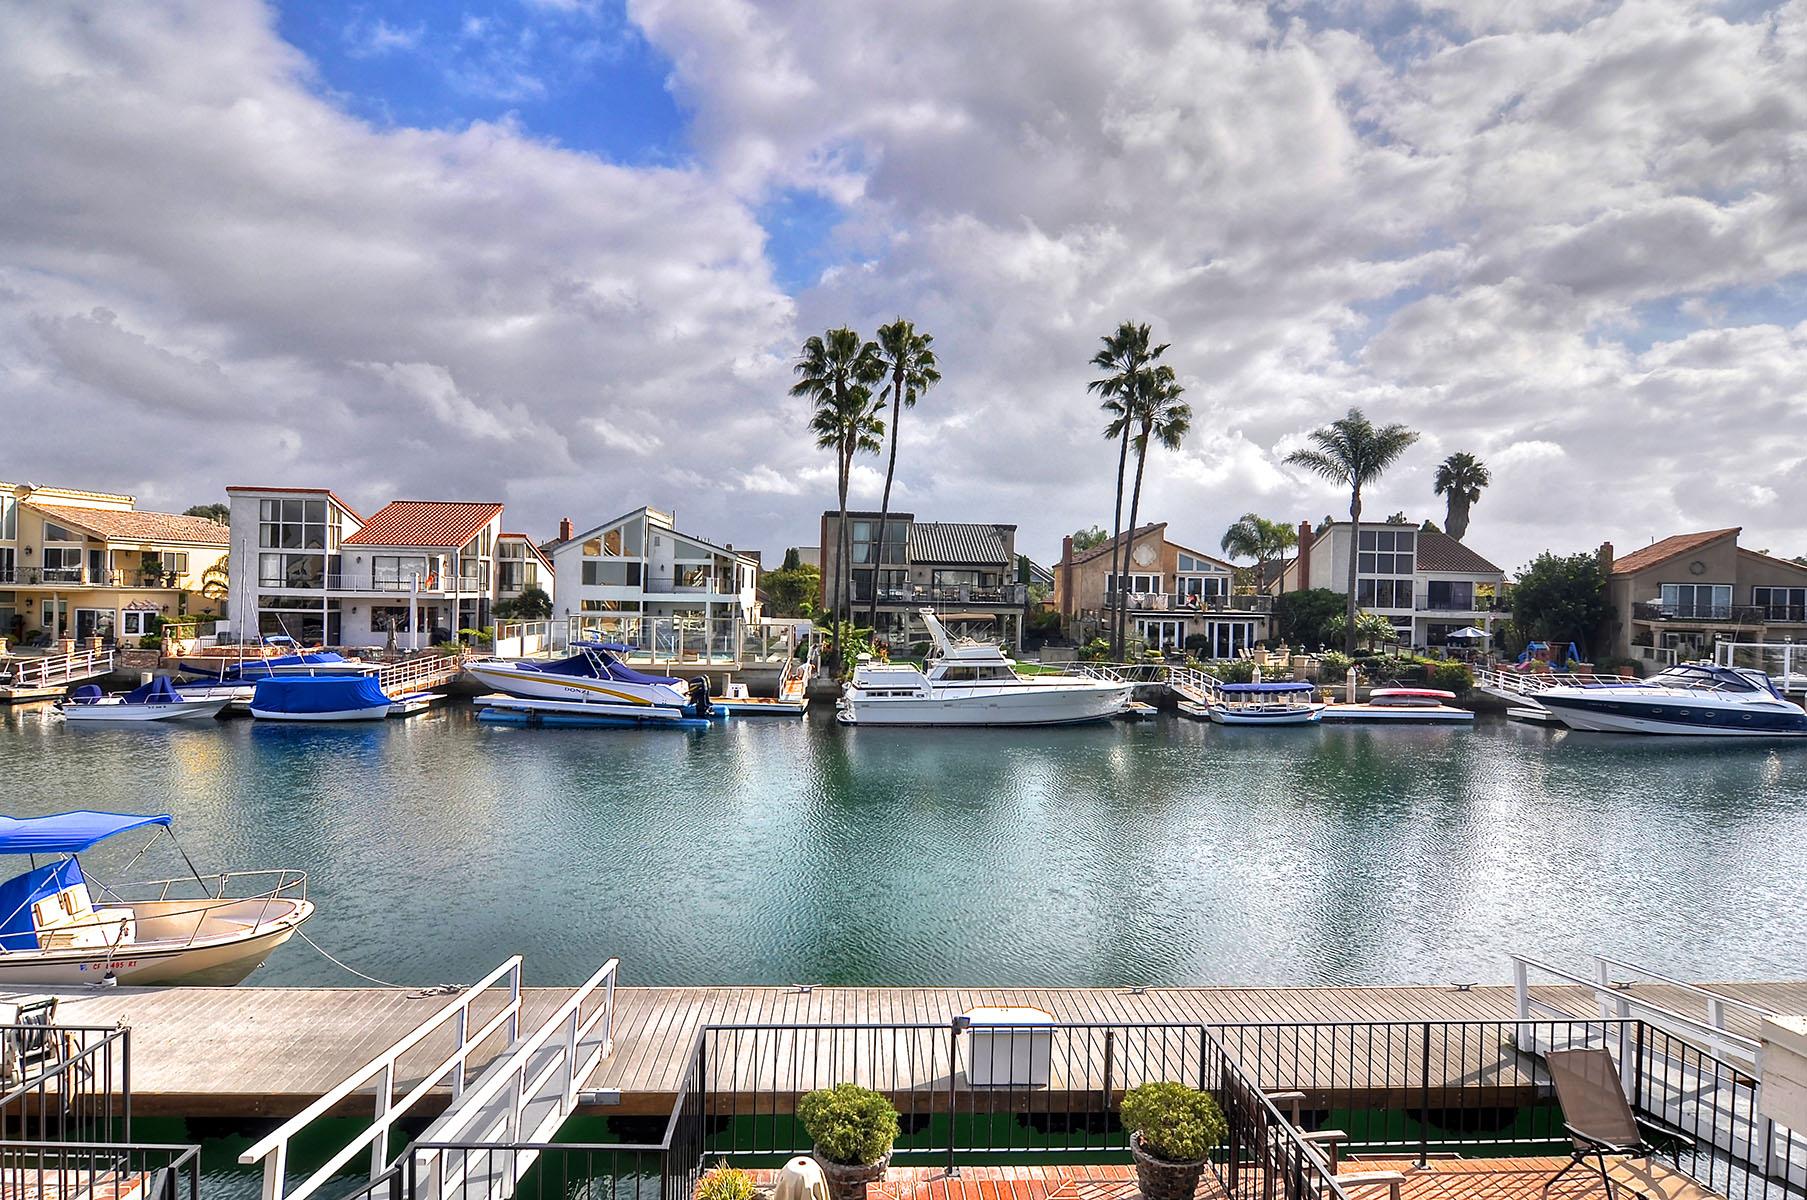 独户住宅 为 销售 在 16086 Bonaire 杭廷顿海滩, 加利福尼亚州, 92649 美国